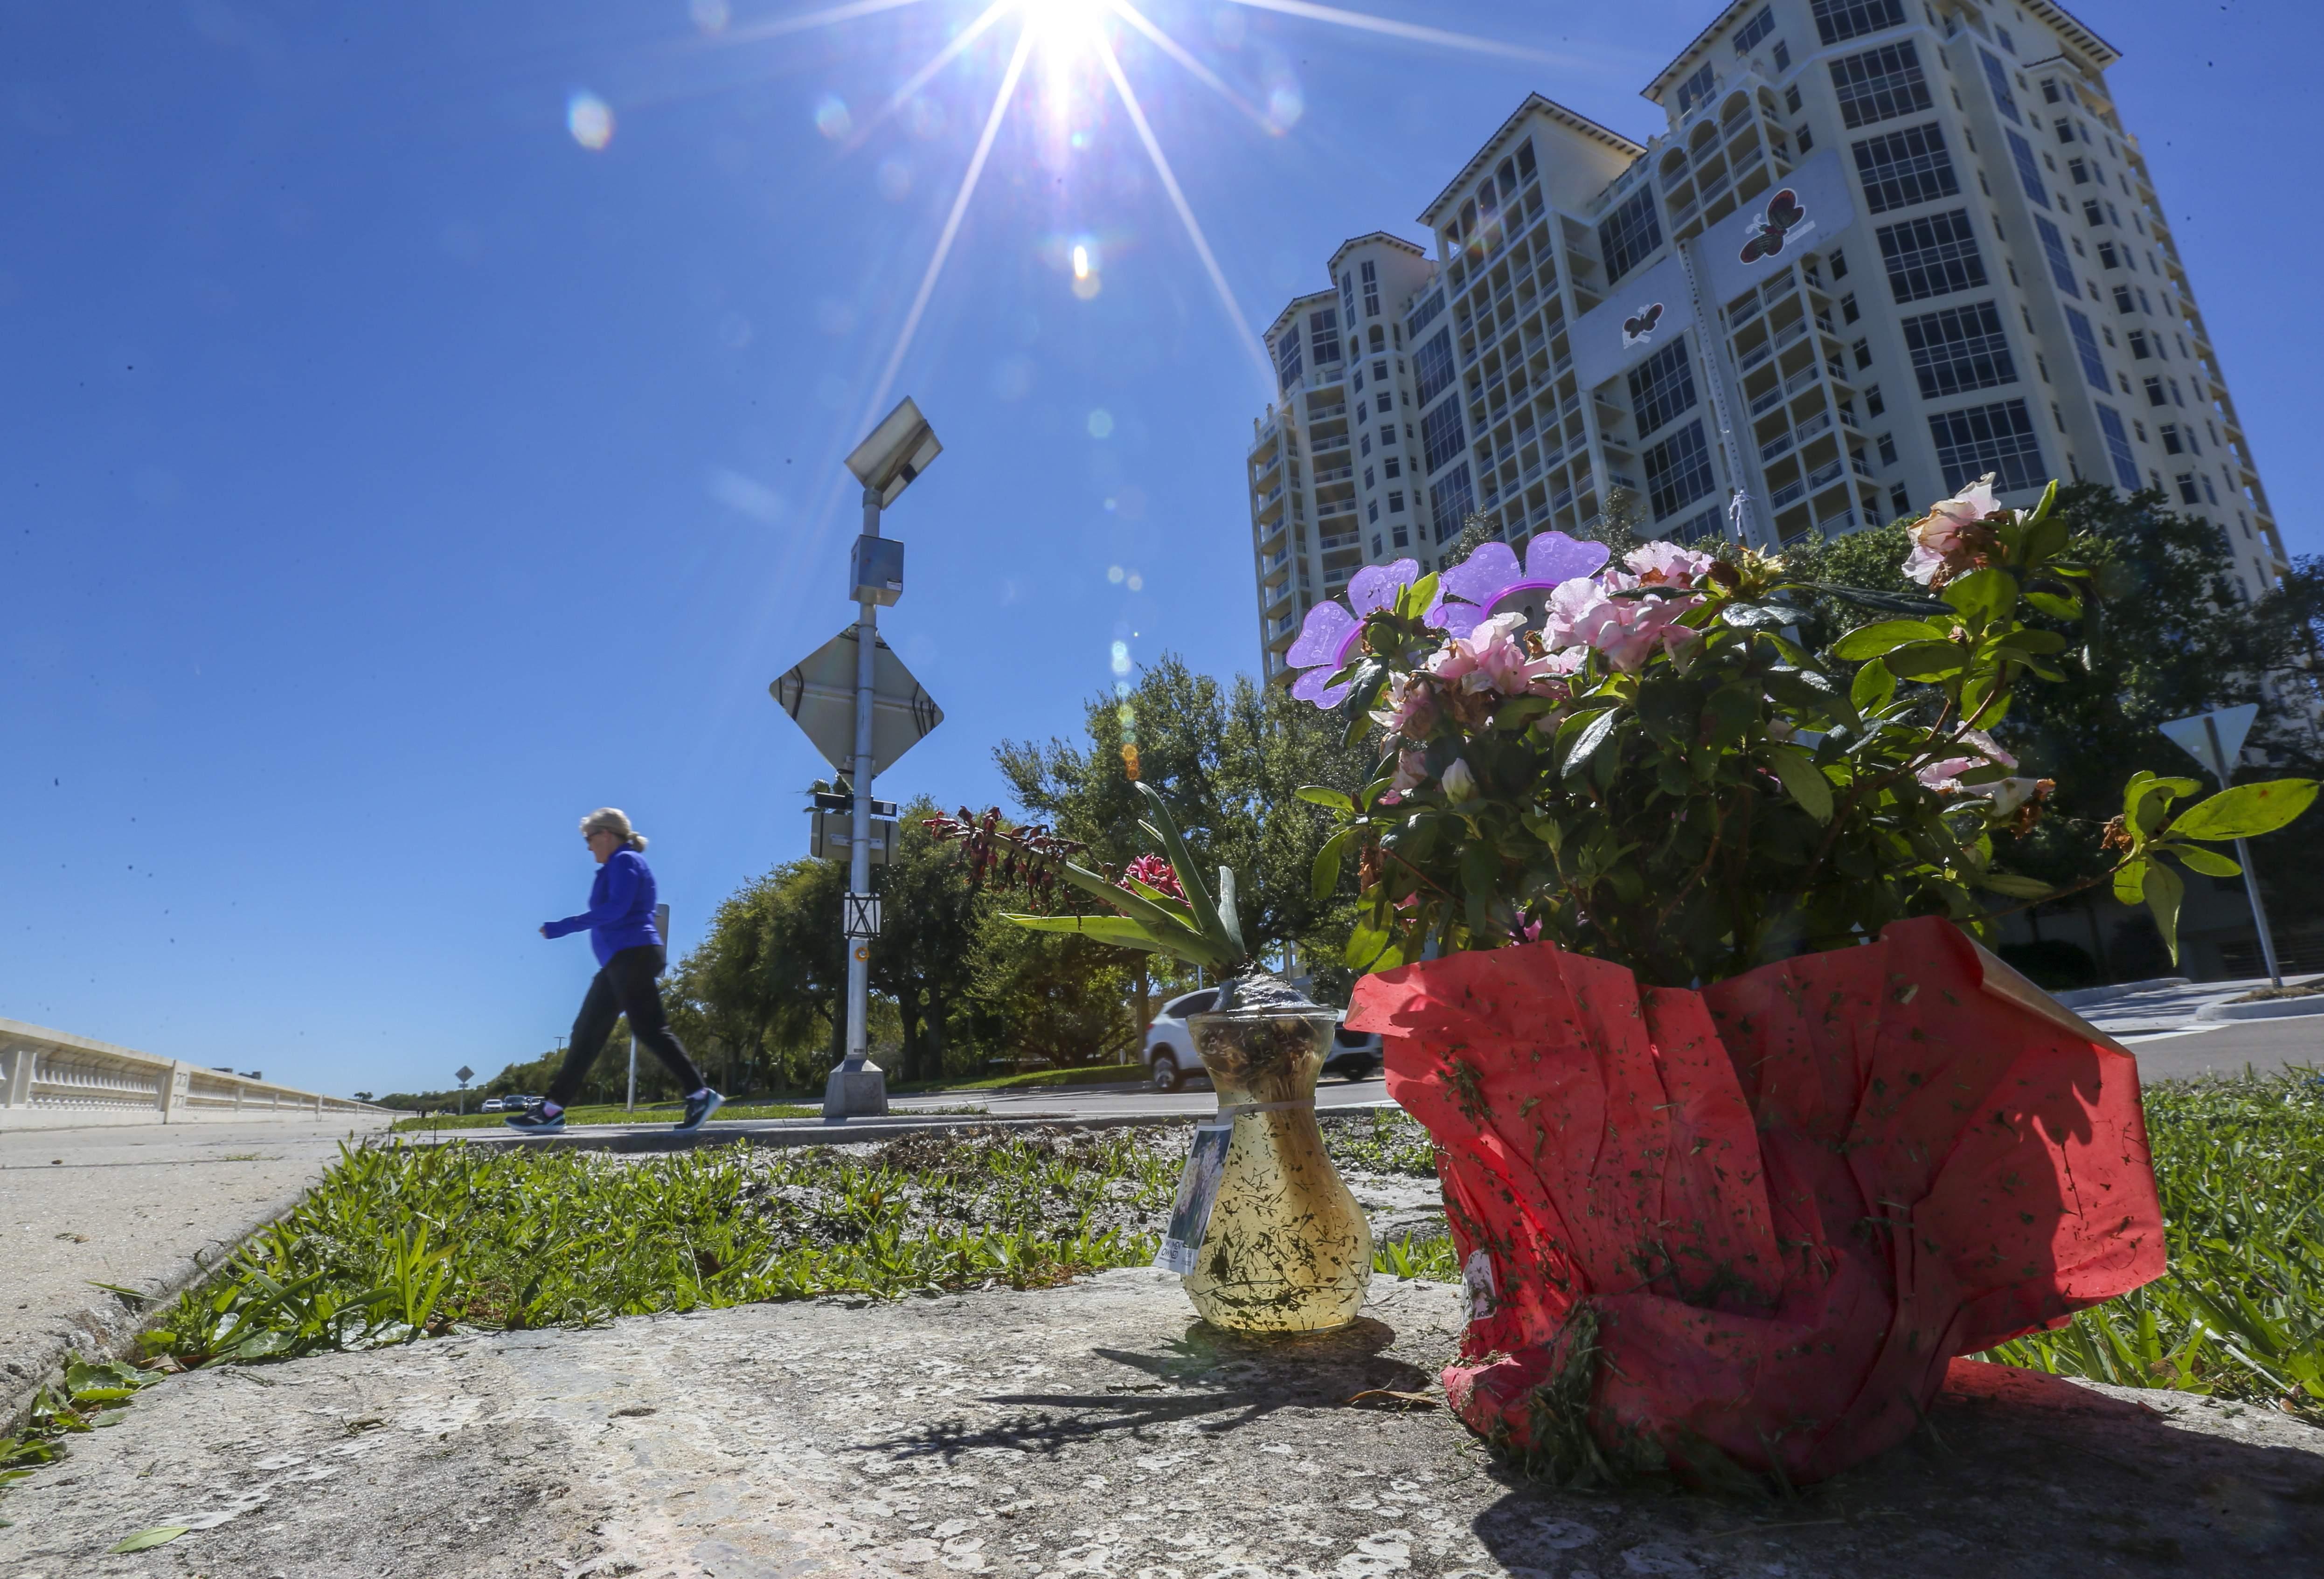 New documents detail horror, heartbreak in Bayshore crash